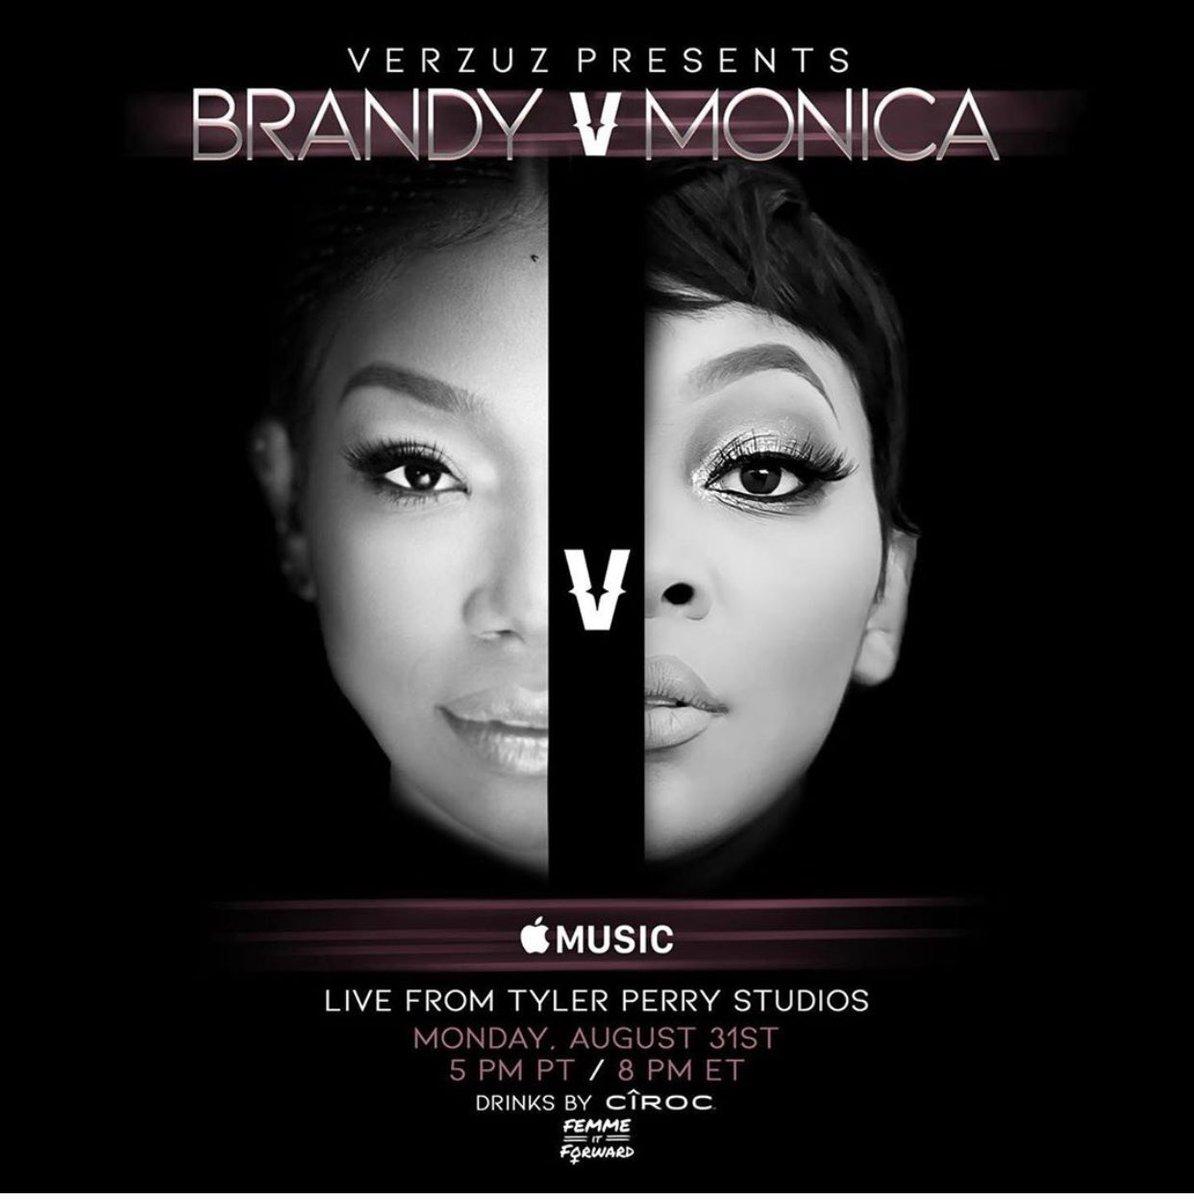 OMG BRANDY VS MONICA VERSUS ...